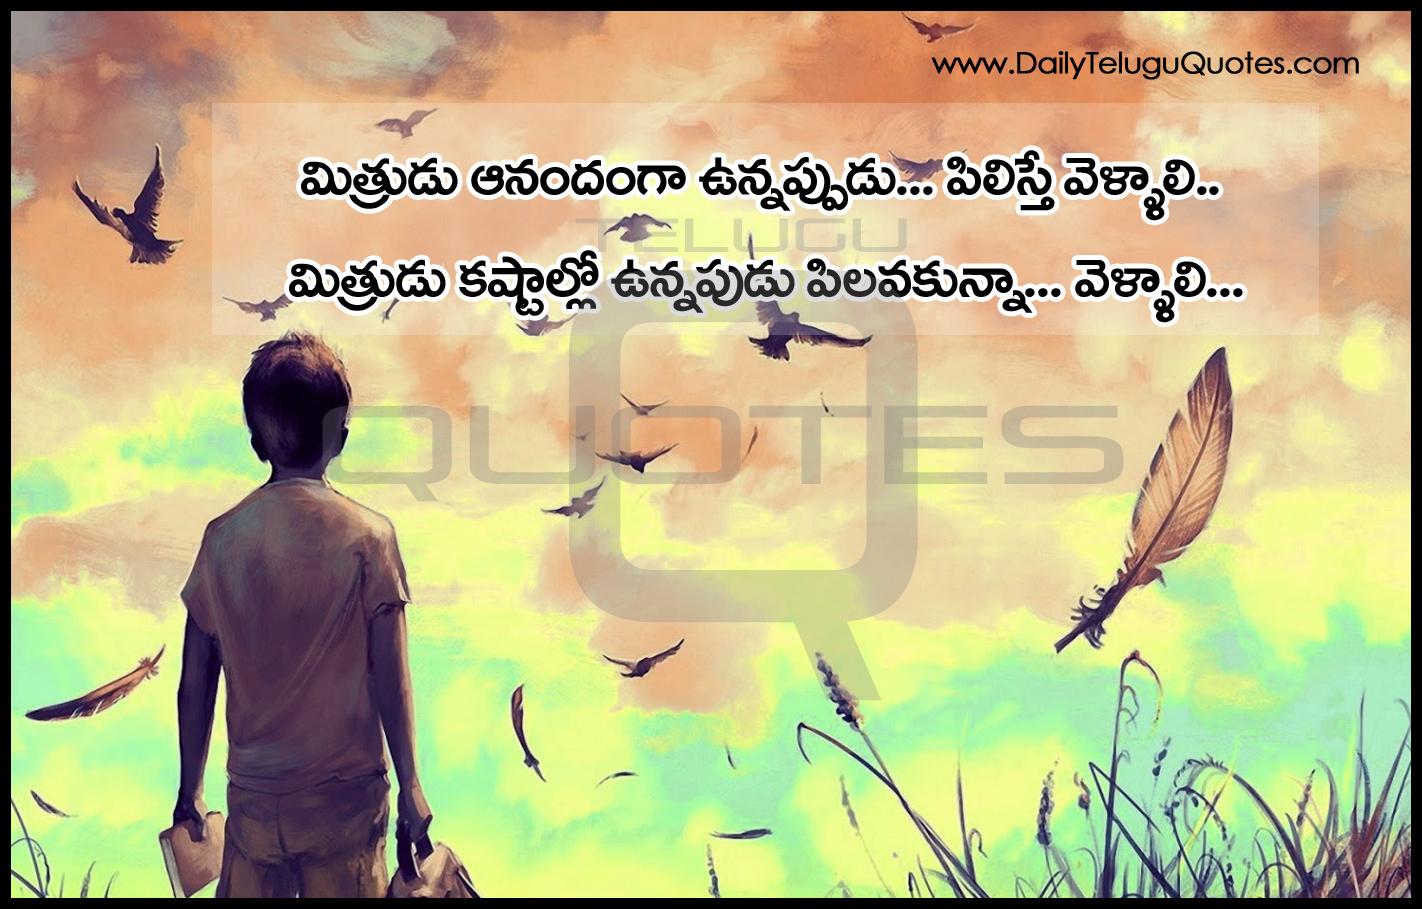 Imágenes De Friendship Sad Quotes Images In Telugu